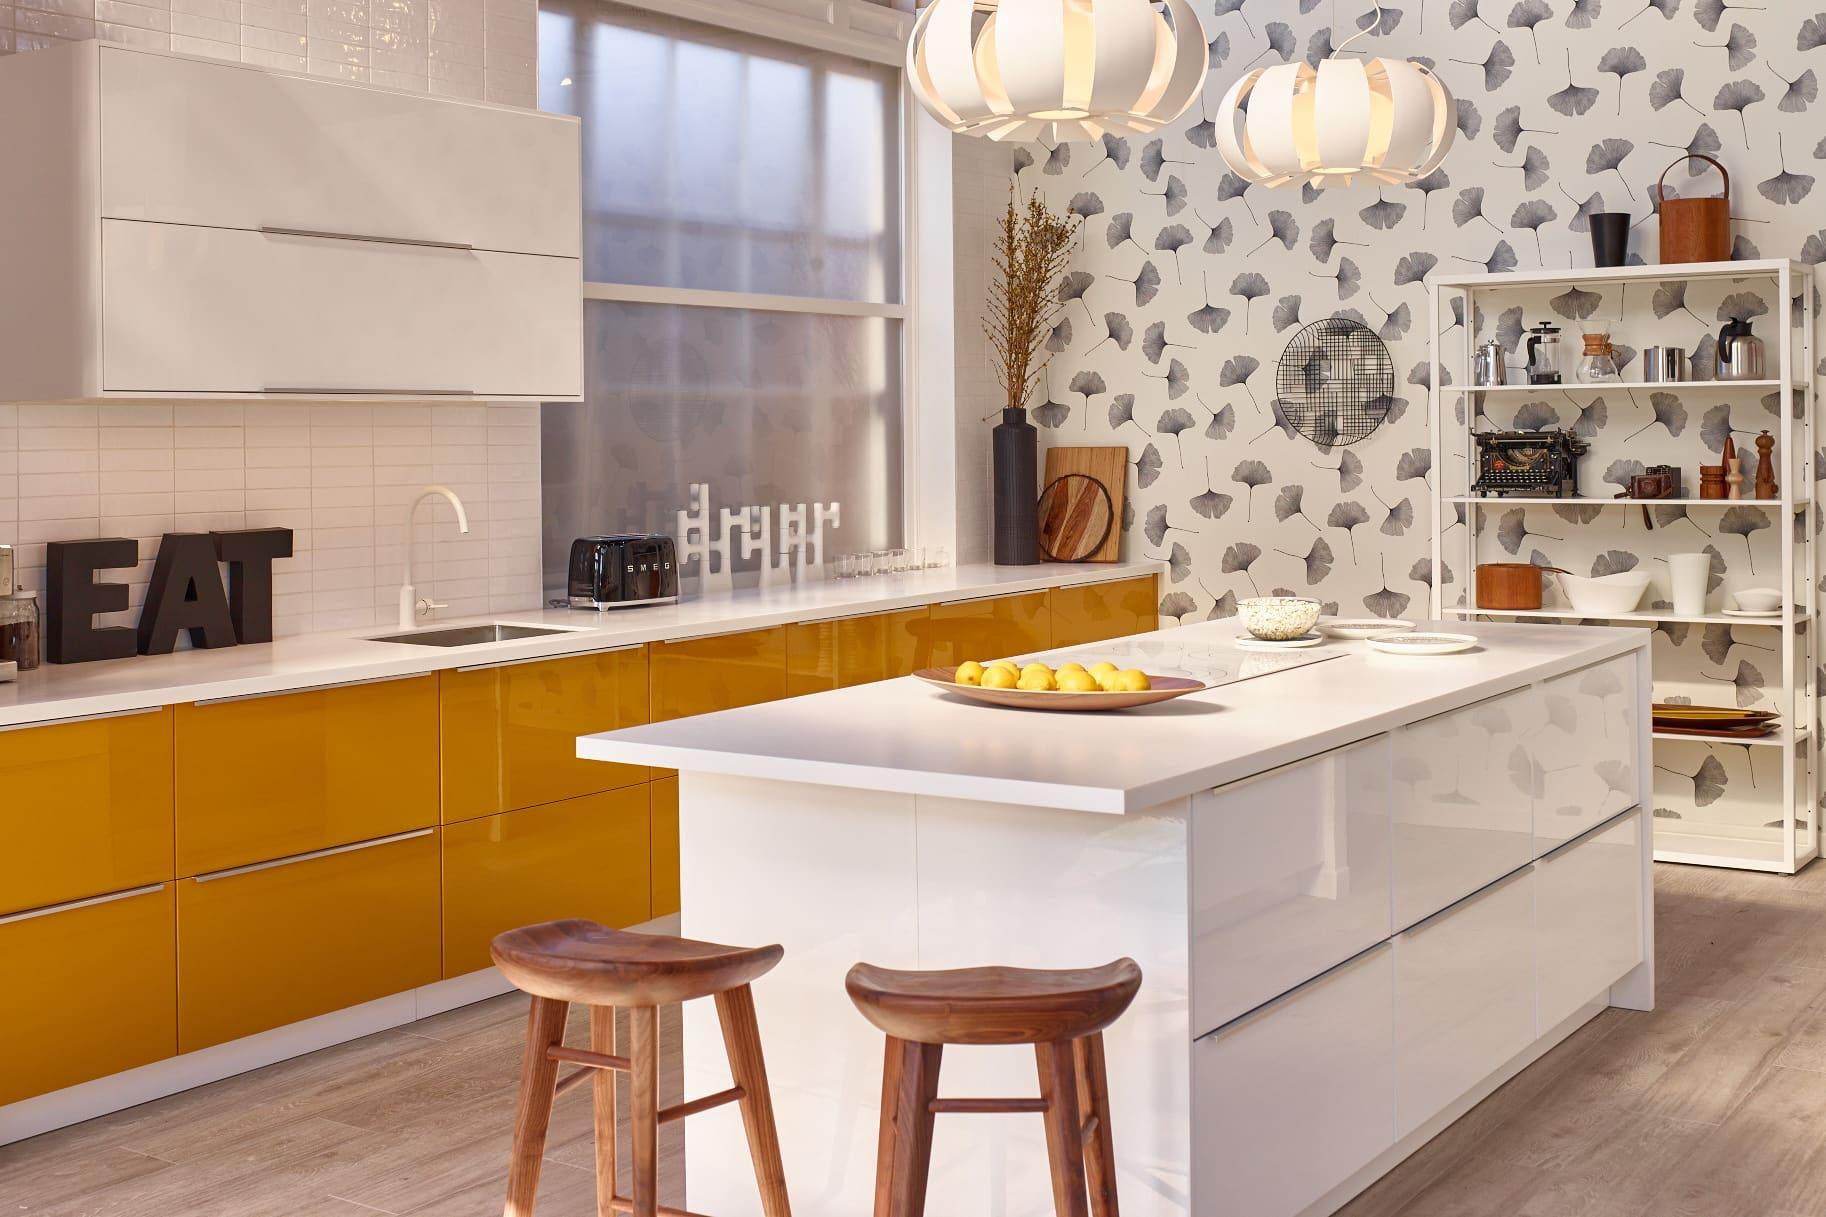 Jessi Cruickshank ikea kitchen